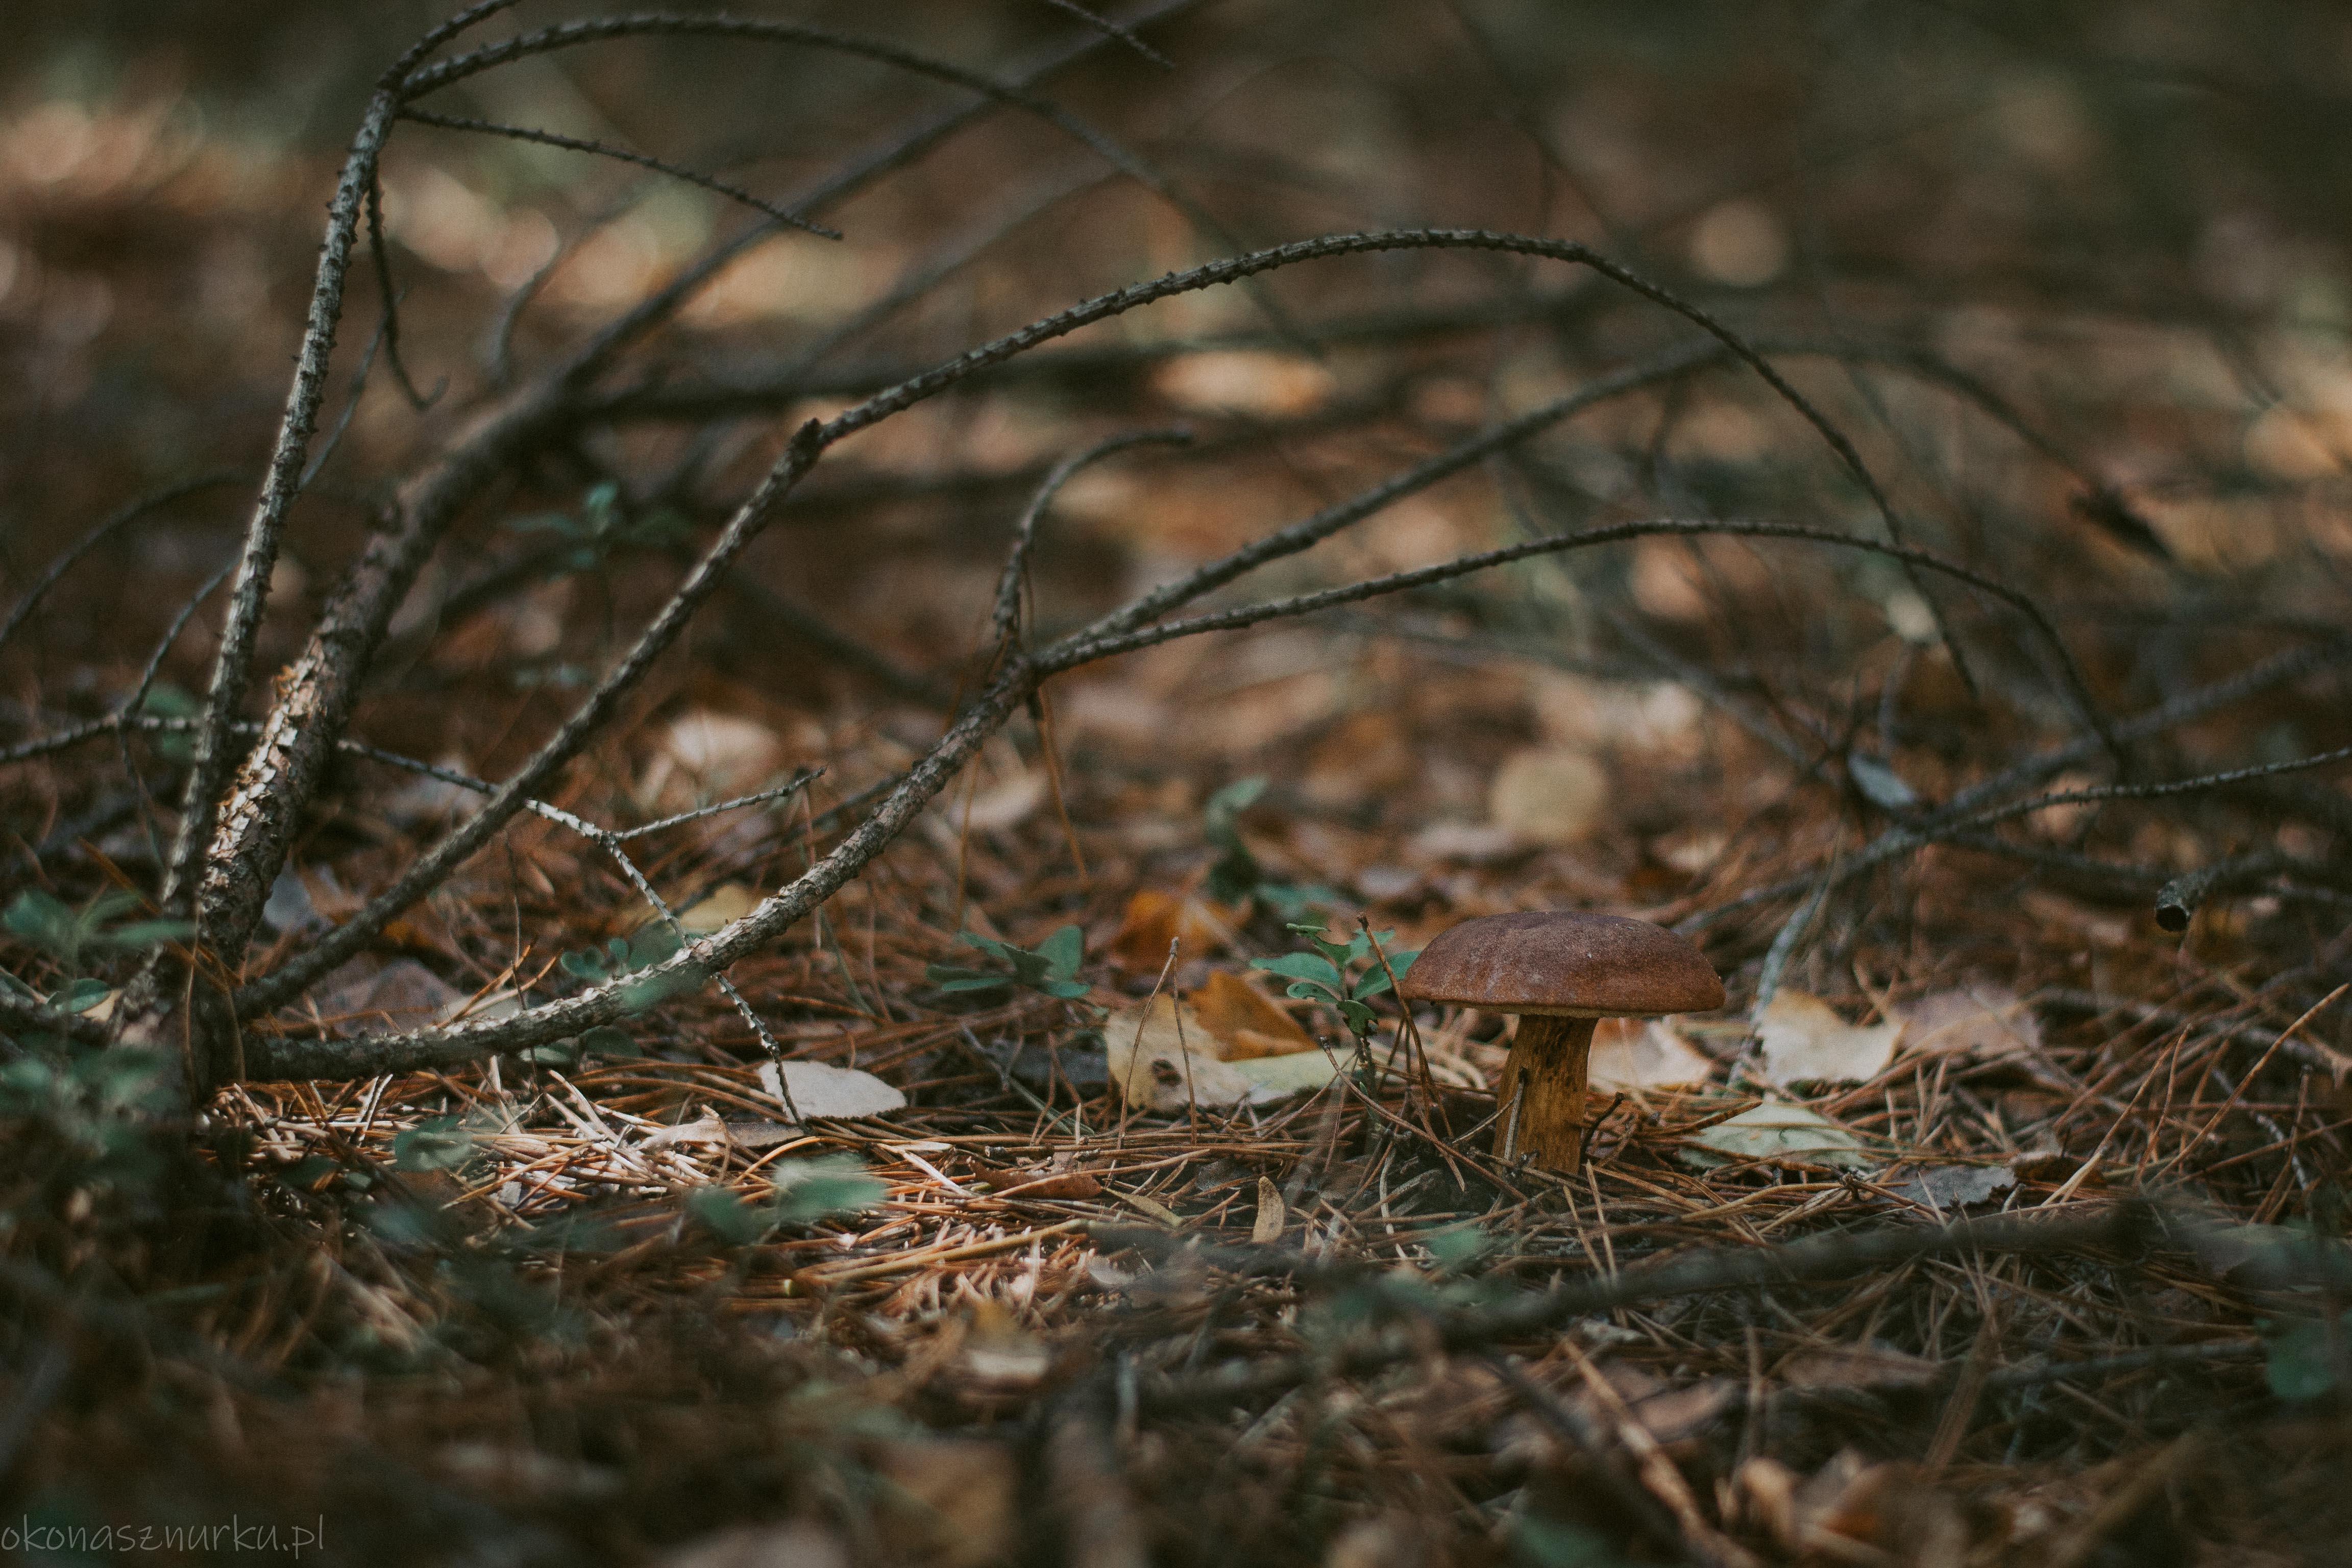 grzybobranie-okonasznurku (23)